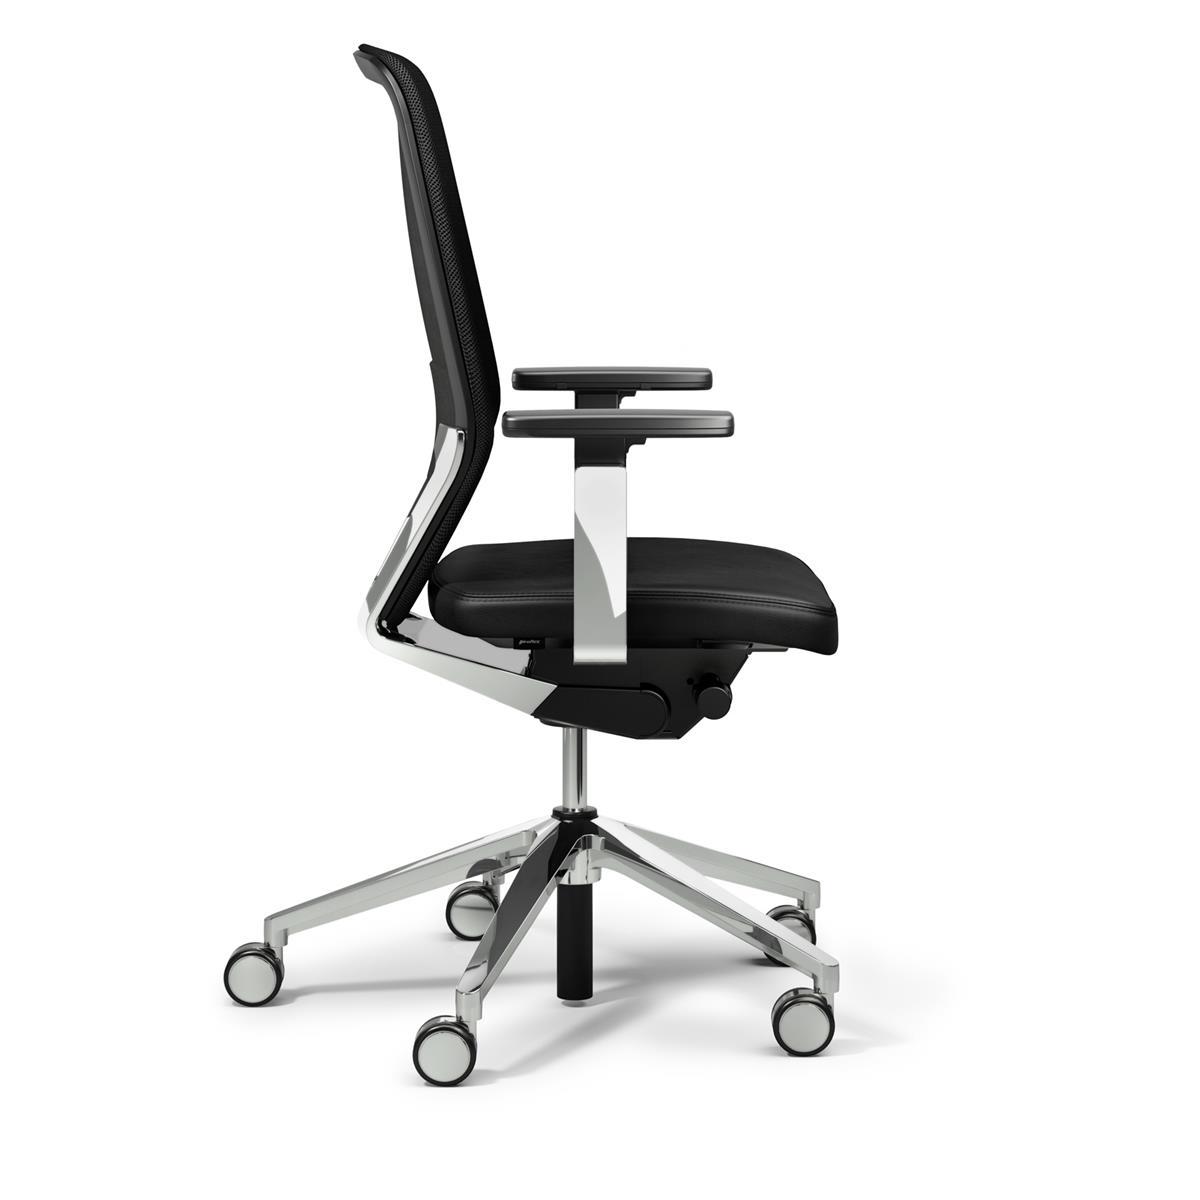 Giroflex 656 Swivel Chair 2 Mesh - на 360.ru: цены, описание, характеристики, где купить в Москве.